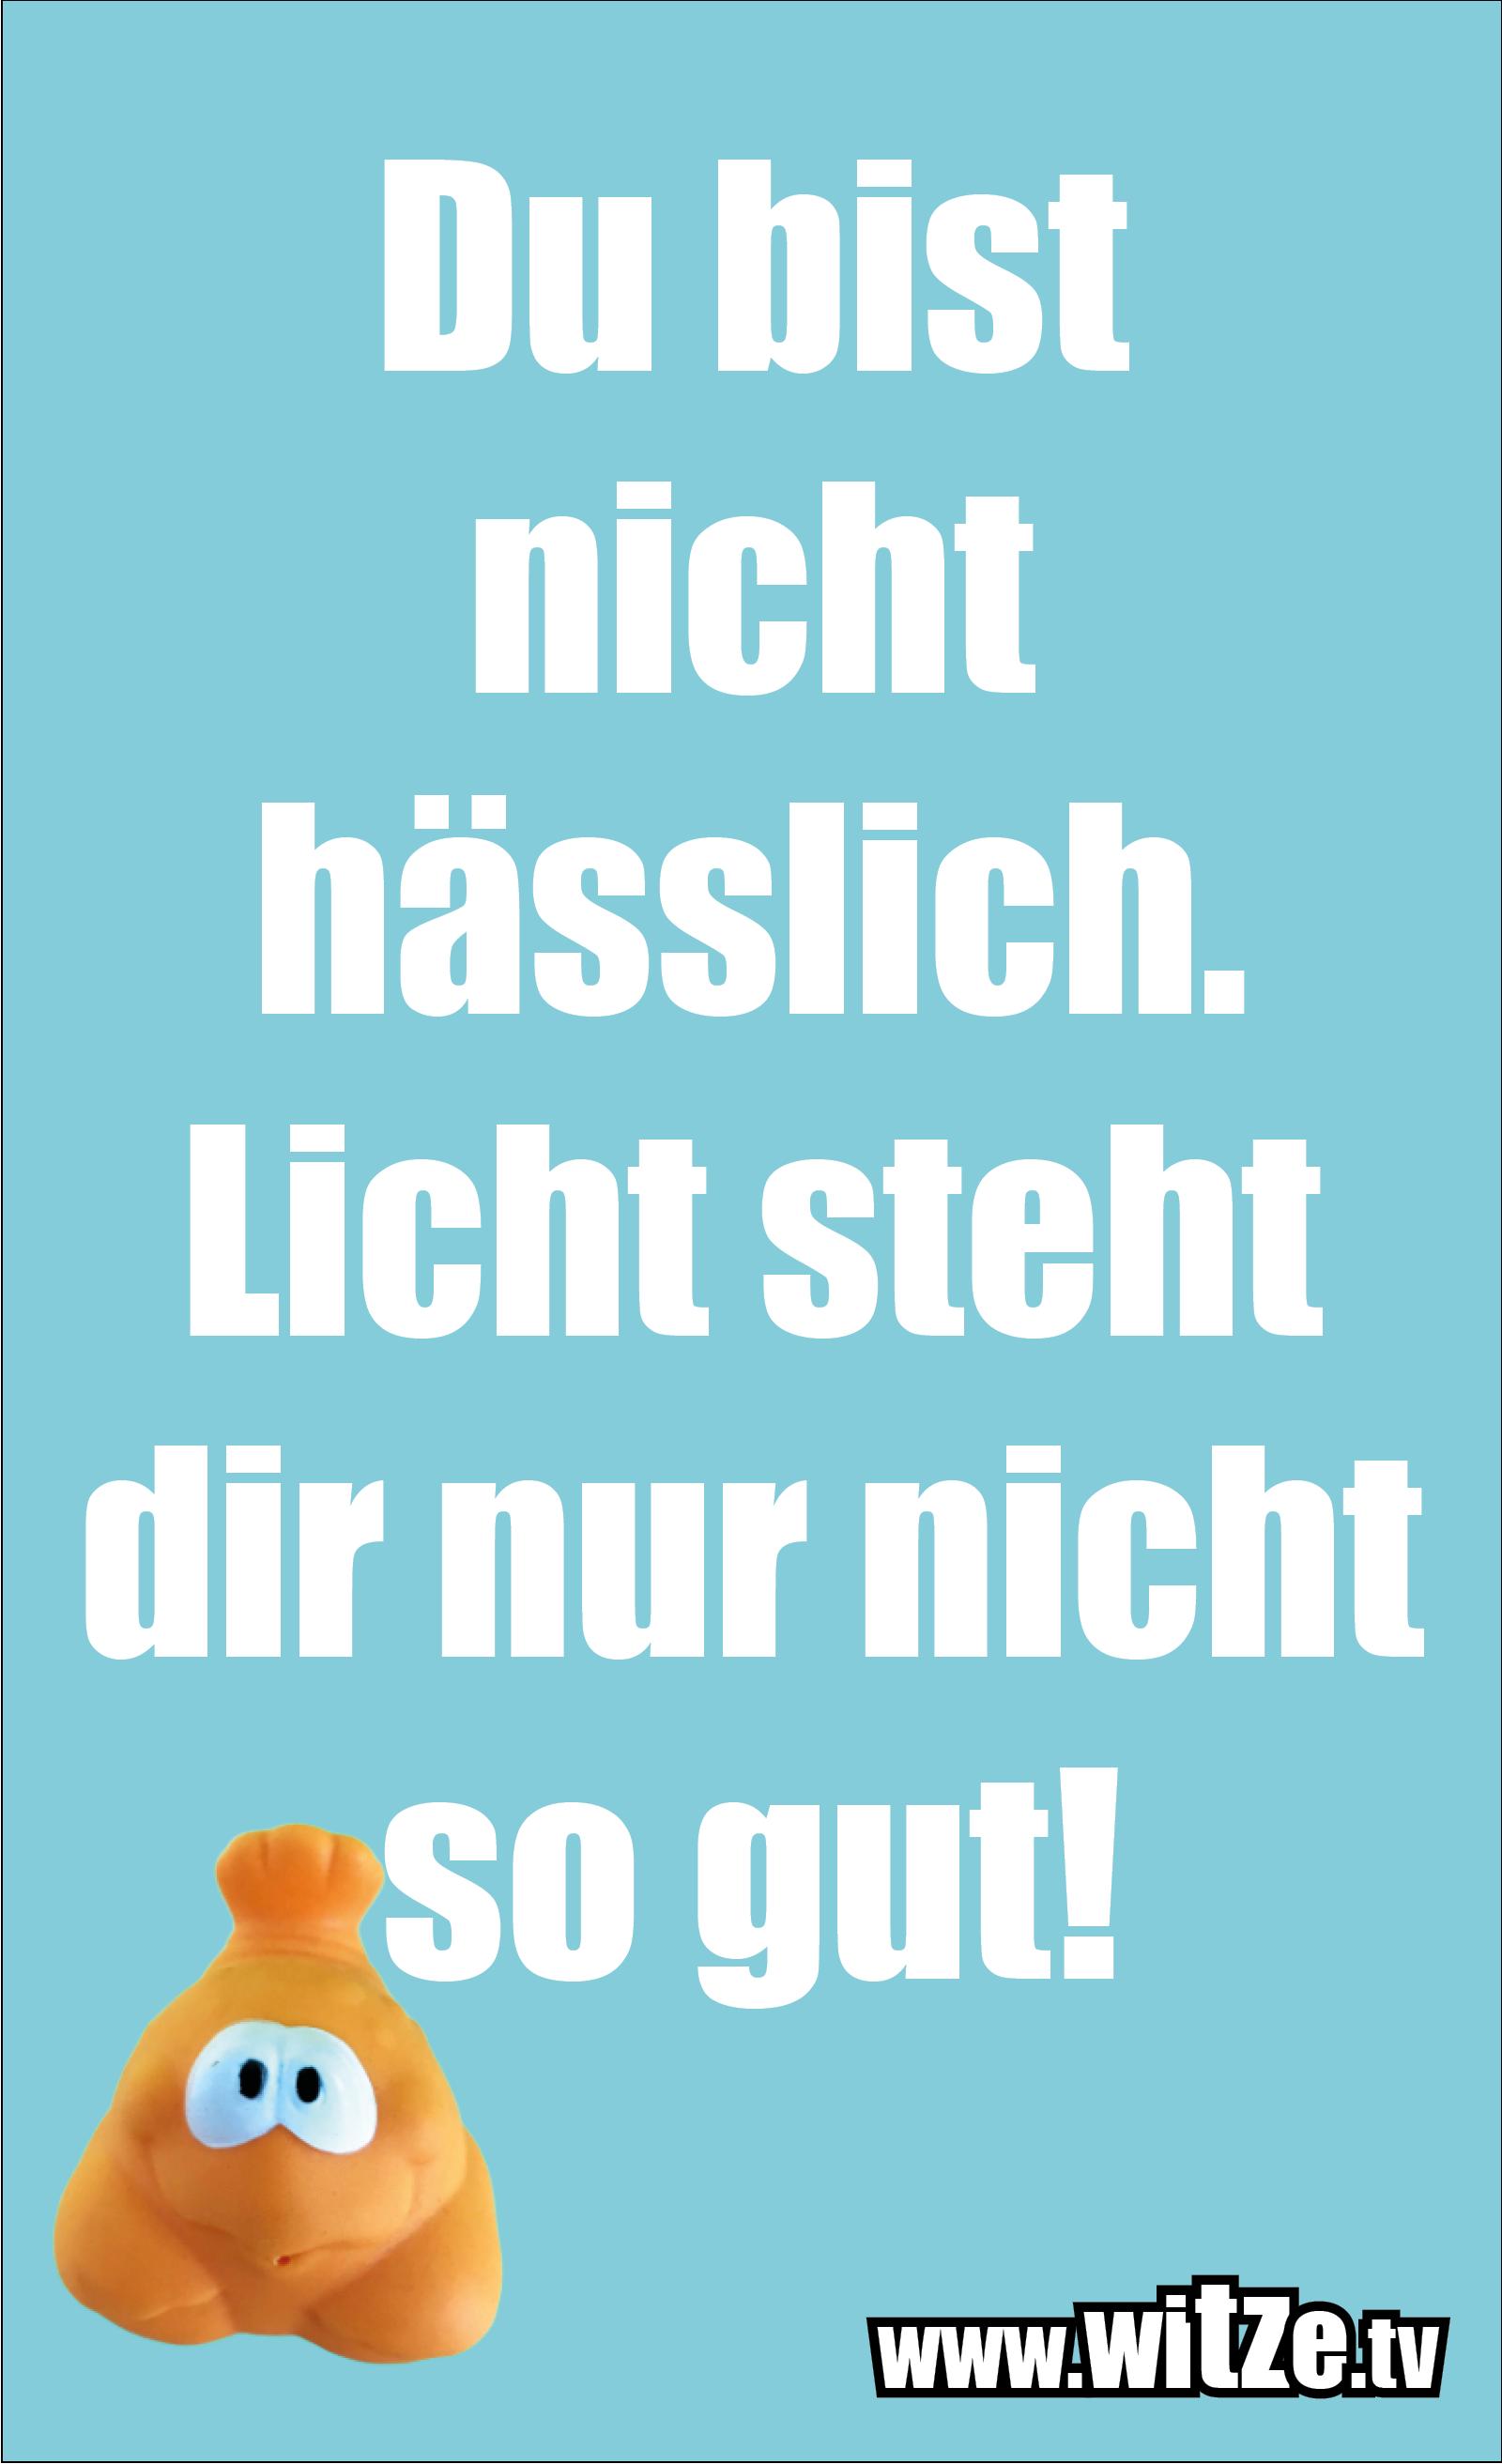 Sarkasmus Sprüche: Du bist nicht hässlich. Licht steht dir nur nicht so gut!